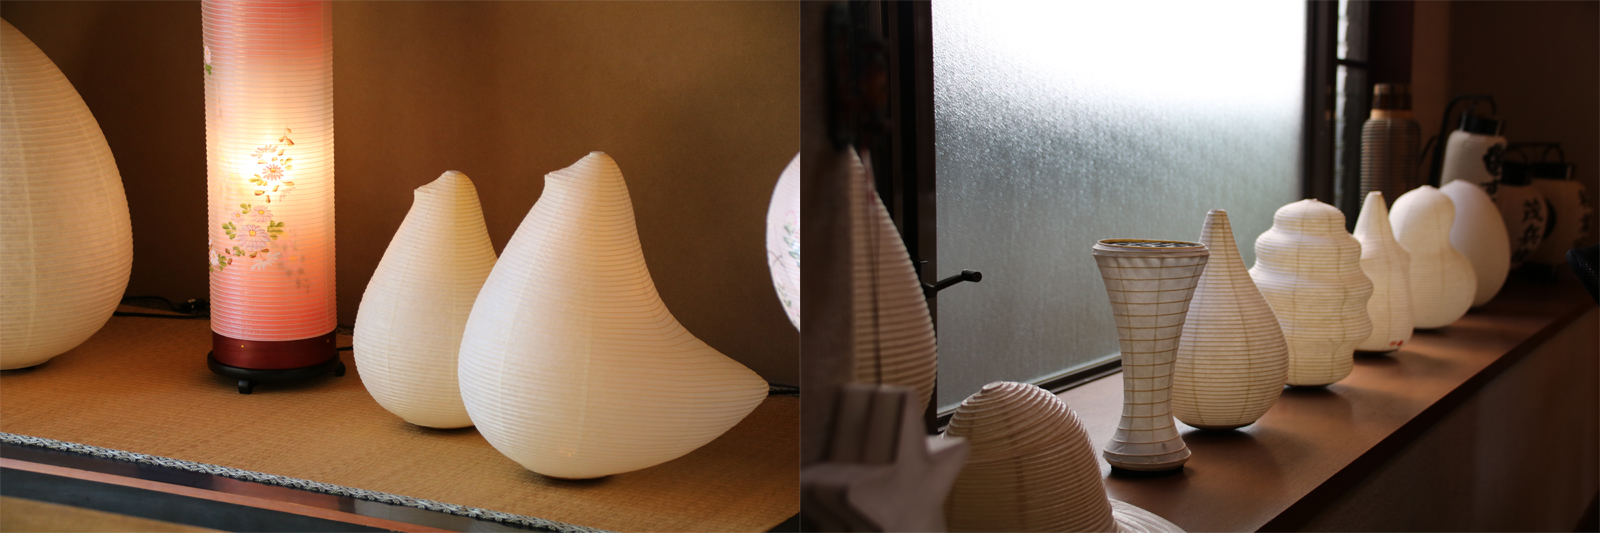 やわらかな光を放つ水府提灯とMICシリーズ